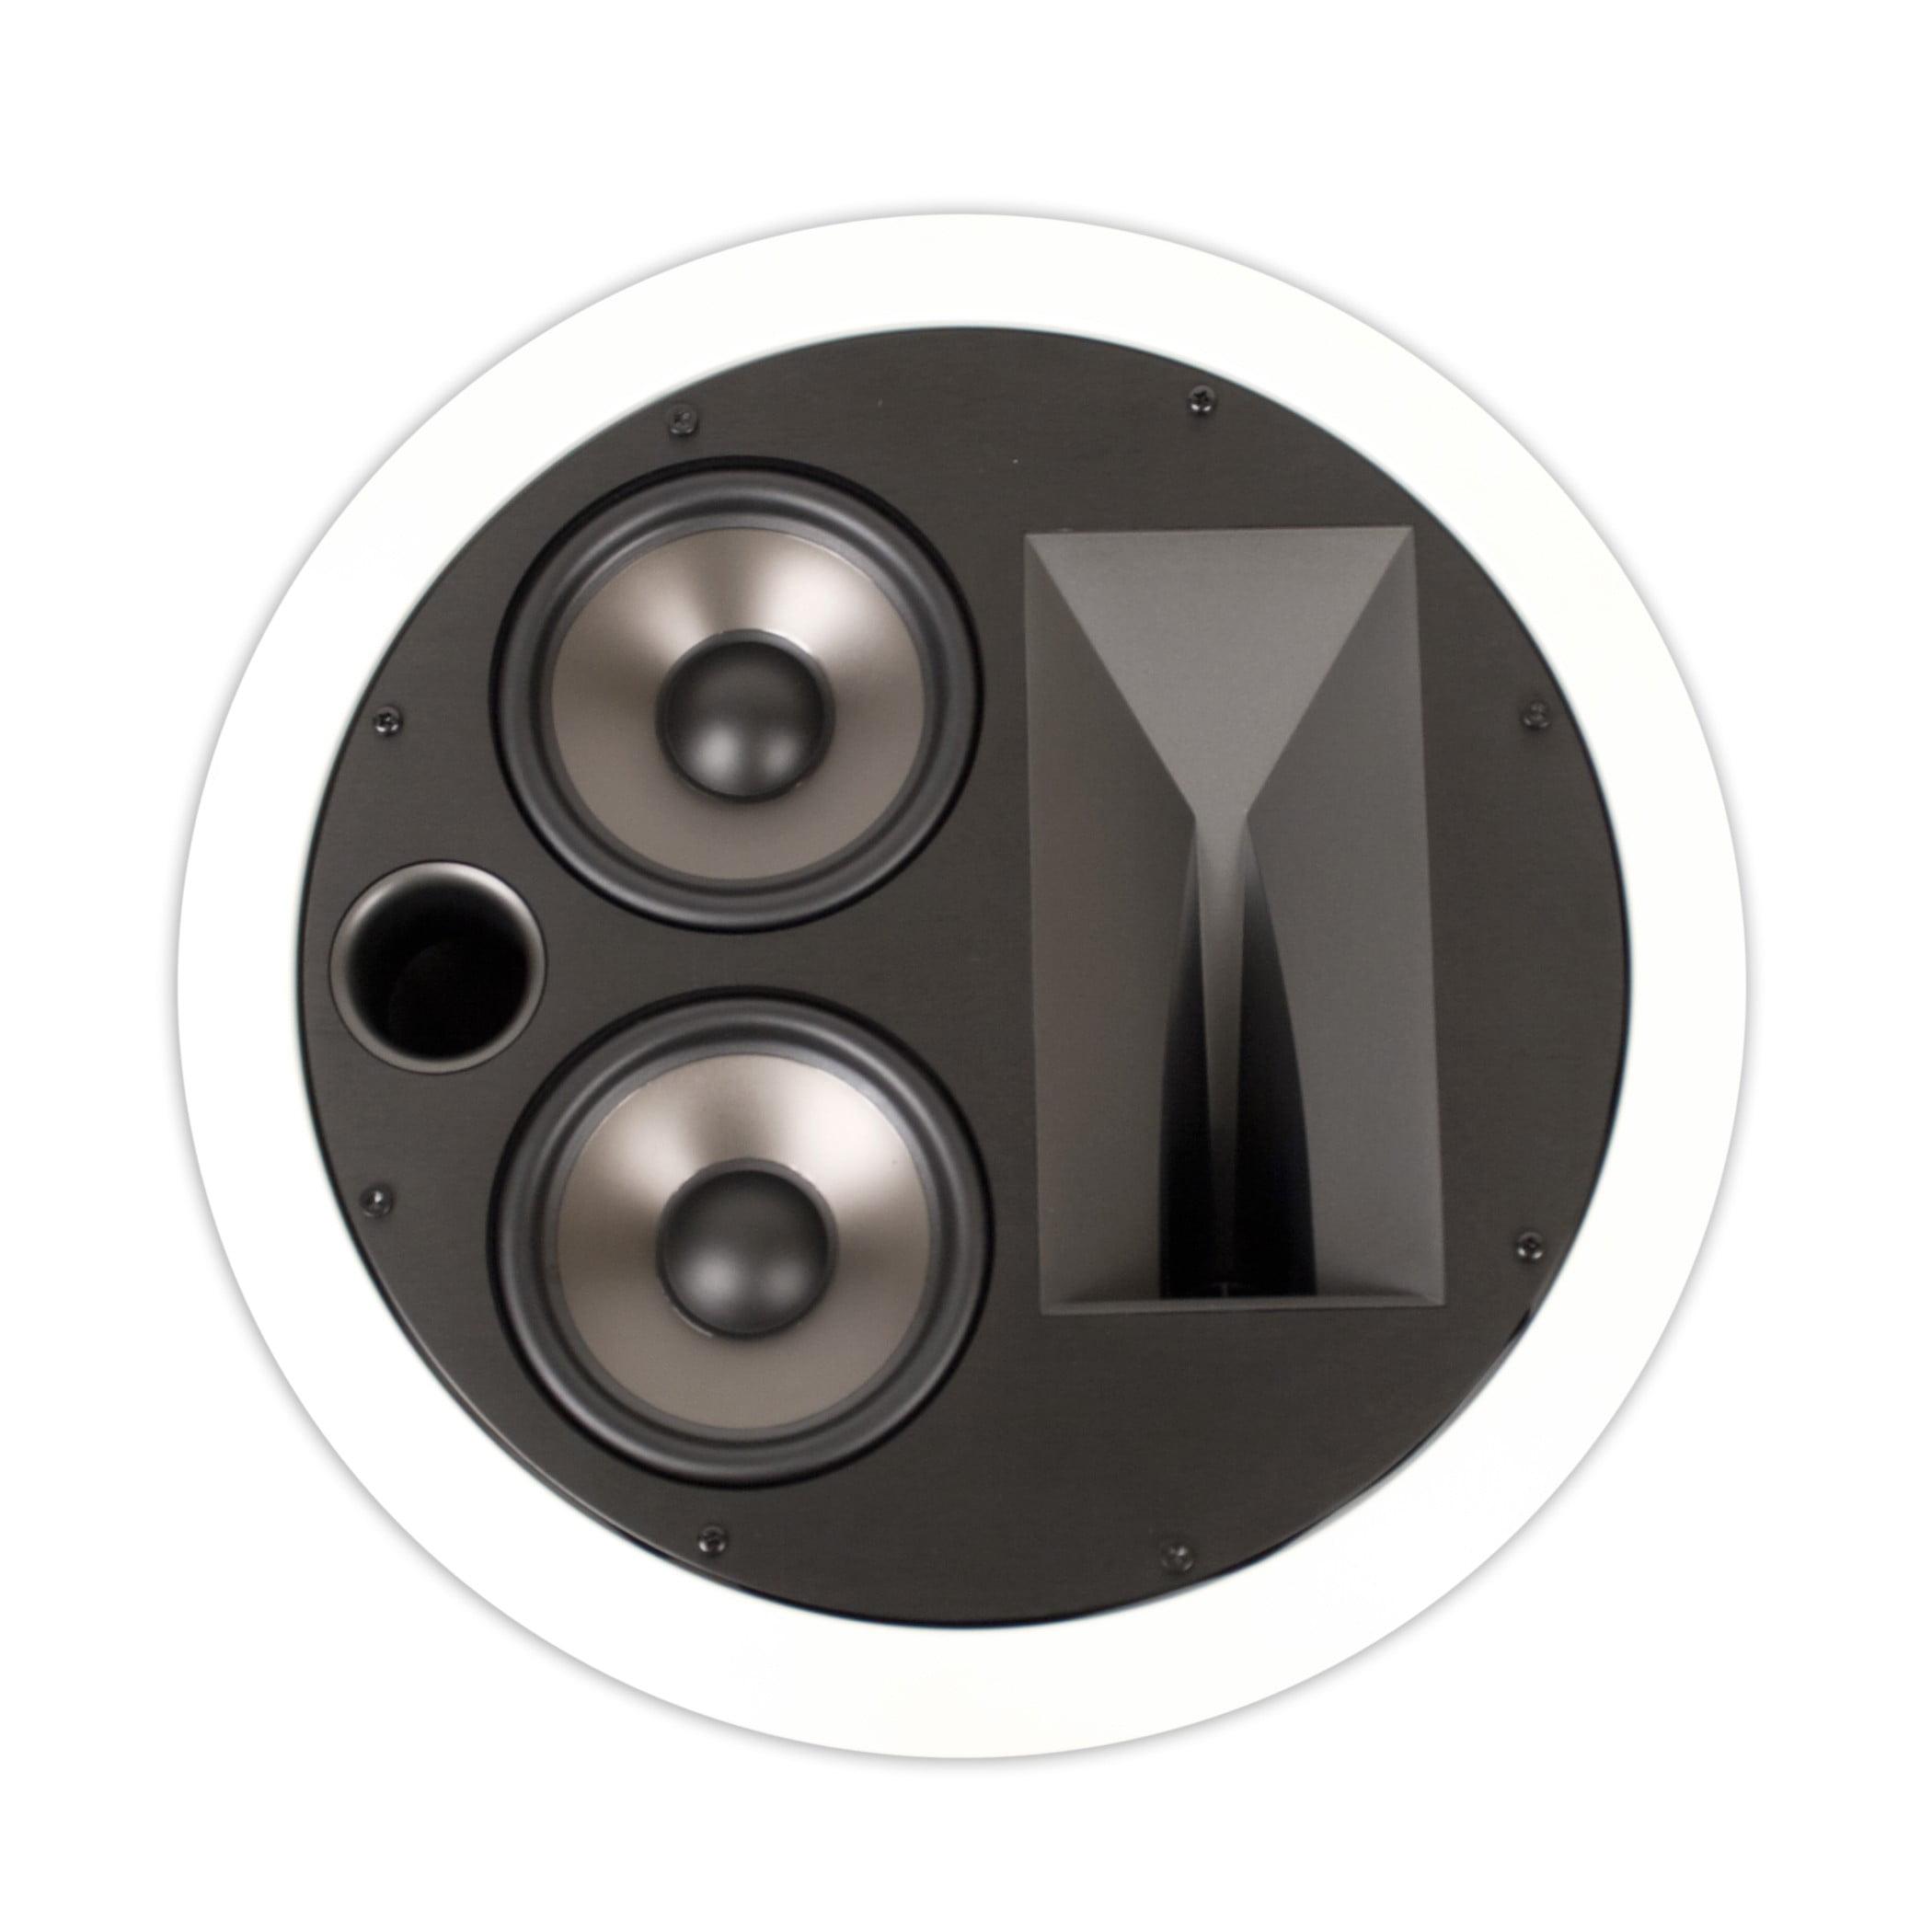 Klipsch KS-7502-THX In-Ceiling Architectural Speaker